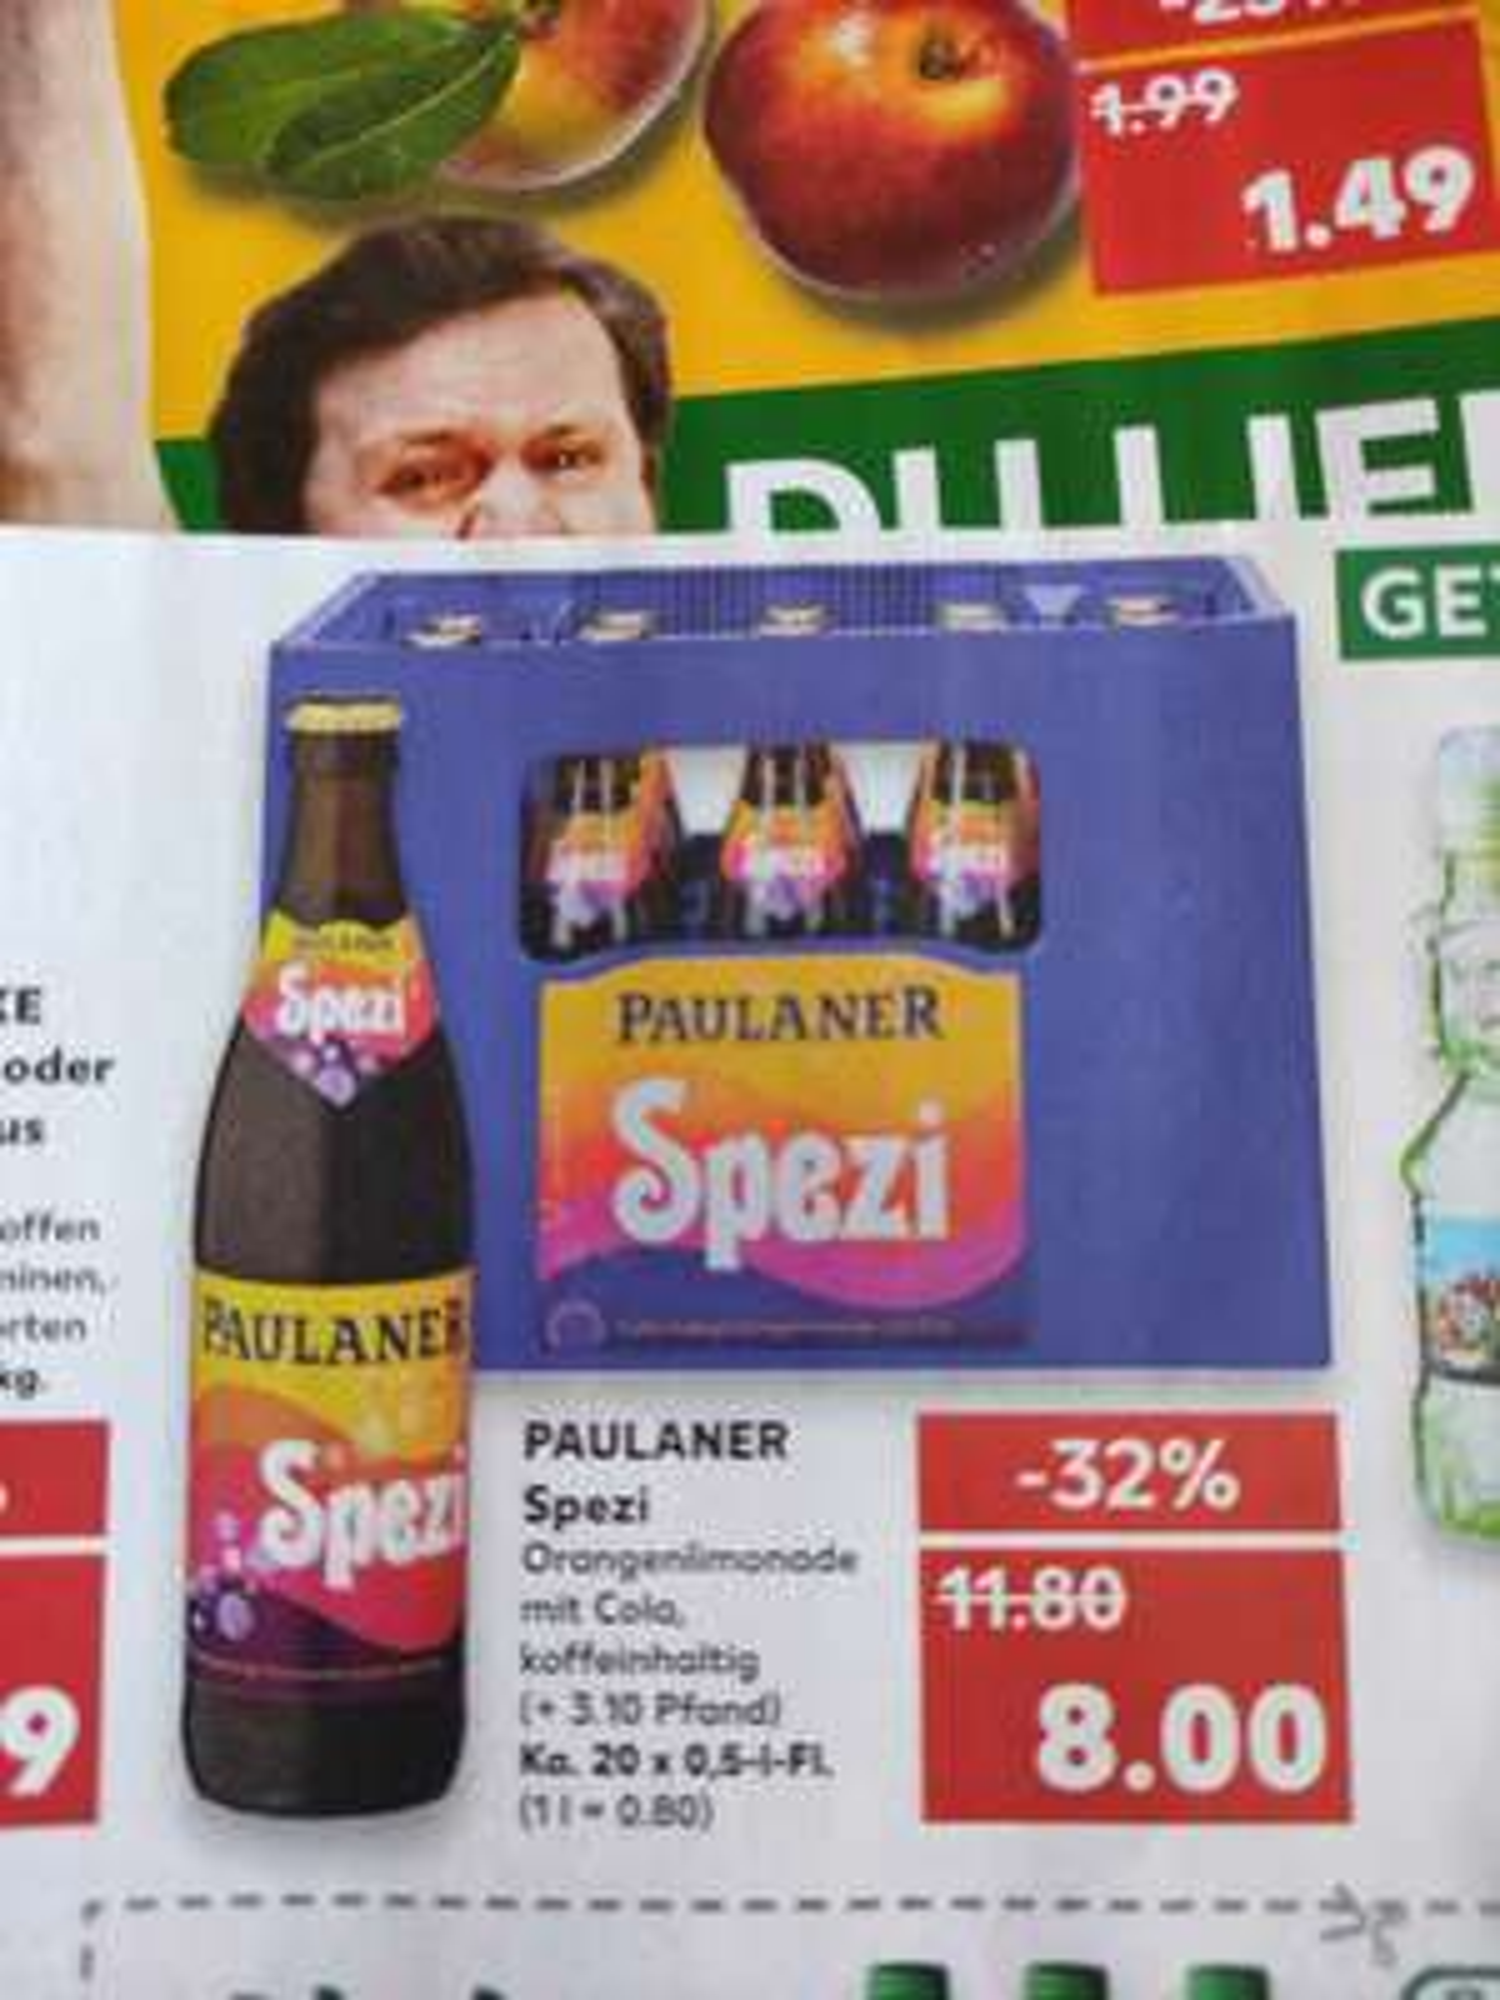 Paulaner Spezi Kasten plus Pfand [Kaufland offline, lokal, ab Mitte DE bis in den Süden an die CH / AT Grenzen]